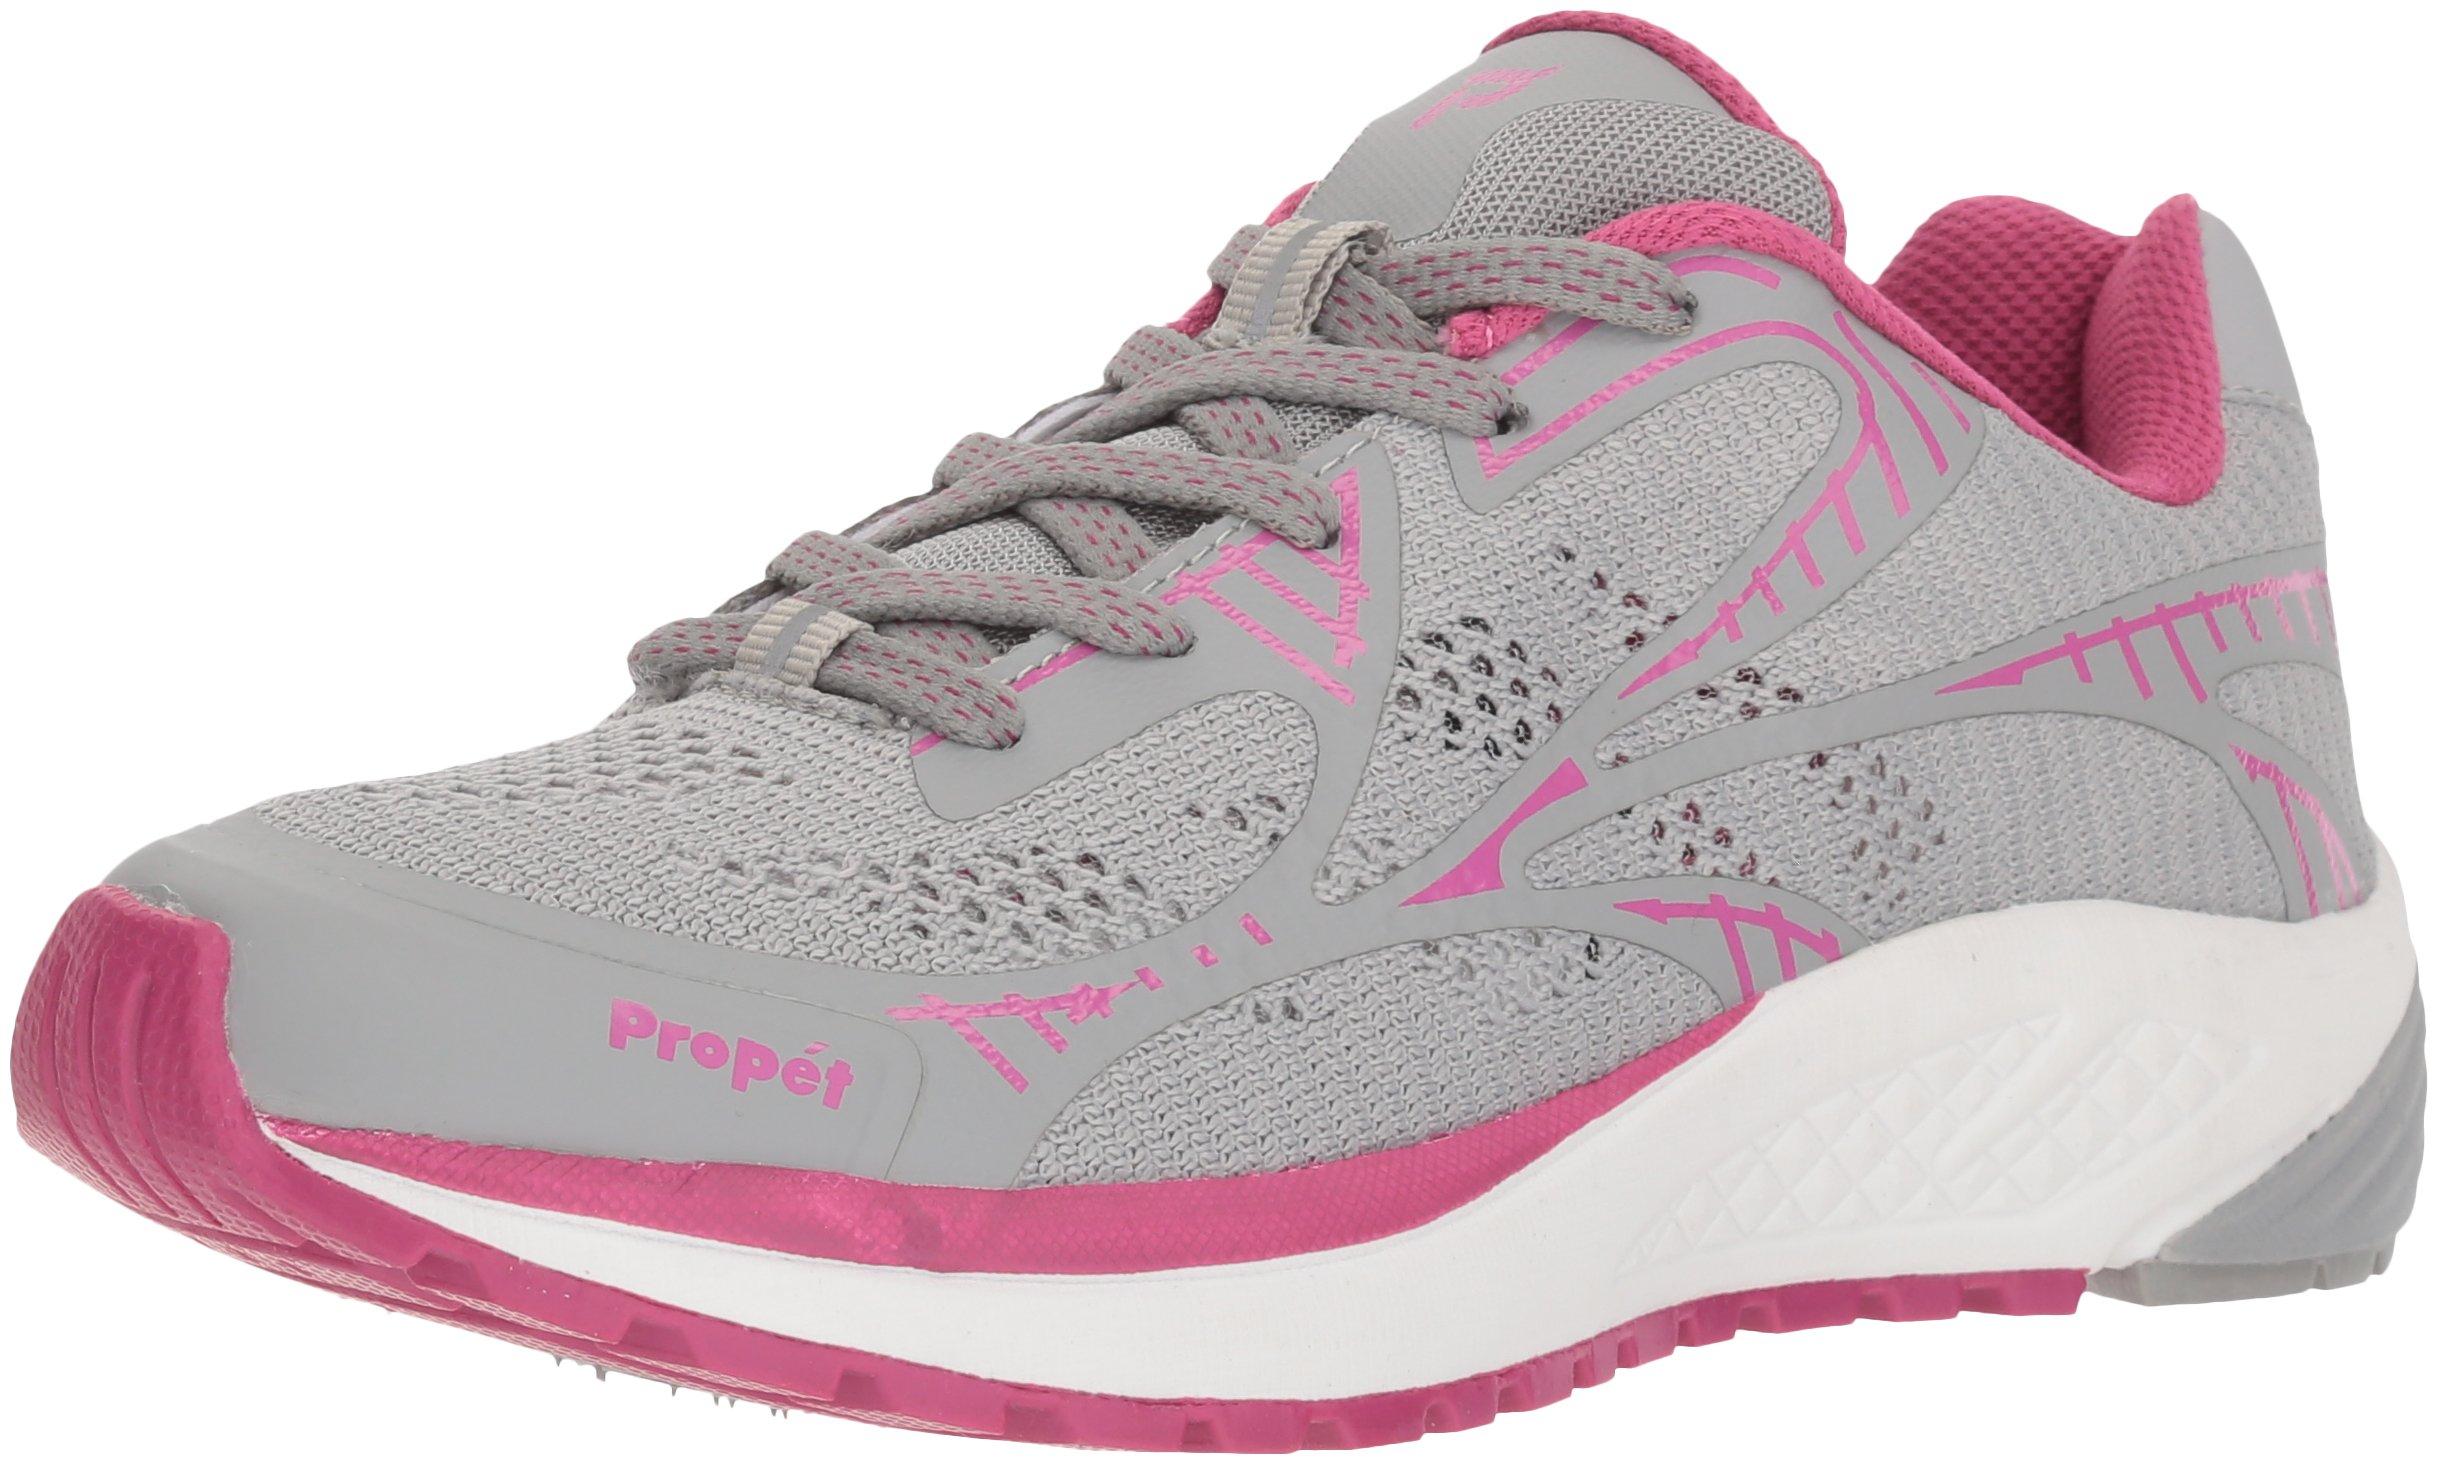 Propet Women's One LT Sneaker, Grey/Berry, 8 Narrow US